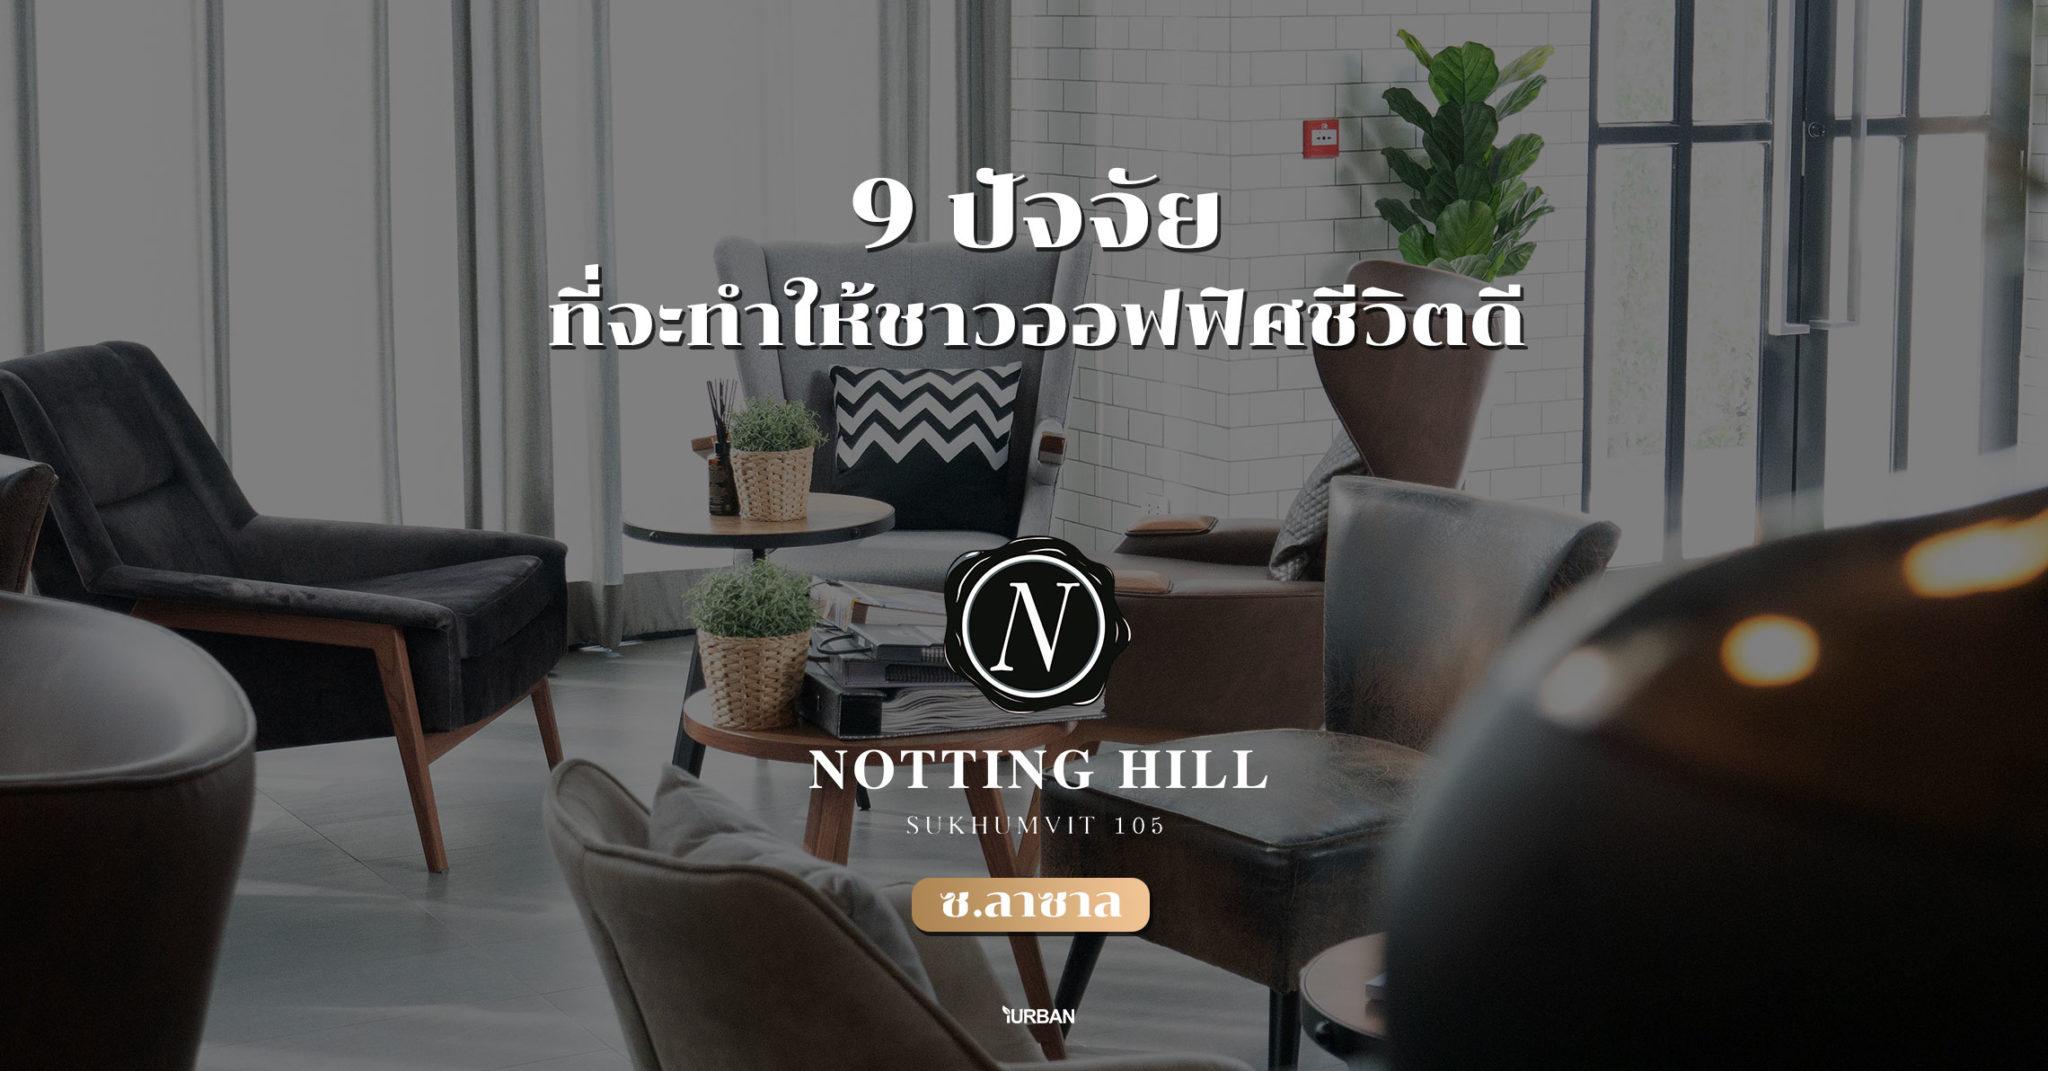 9 ปัจจัยให้คนออฟฟิศชีวิตดีขึ้นได้ Notting Hills - Sukhumvit 105 คอนโดที่คนฝั่งสุขุมวิทต้องชอบ 13 - Notting Hill